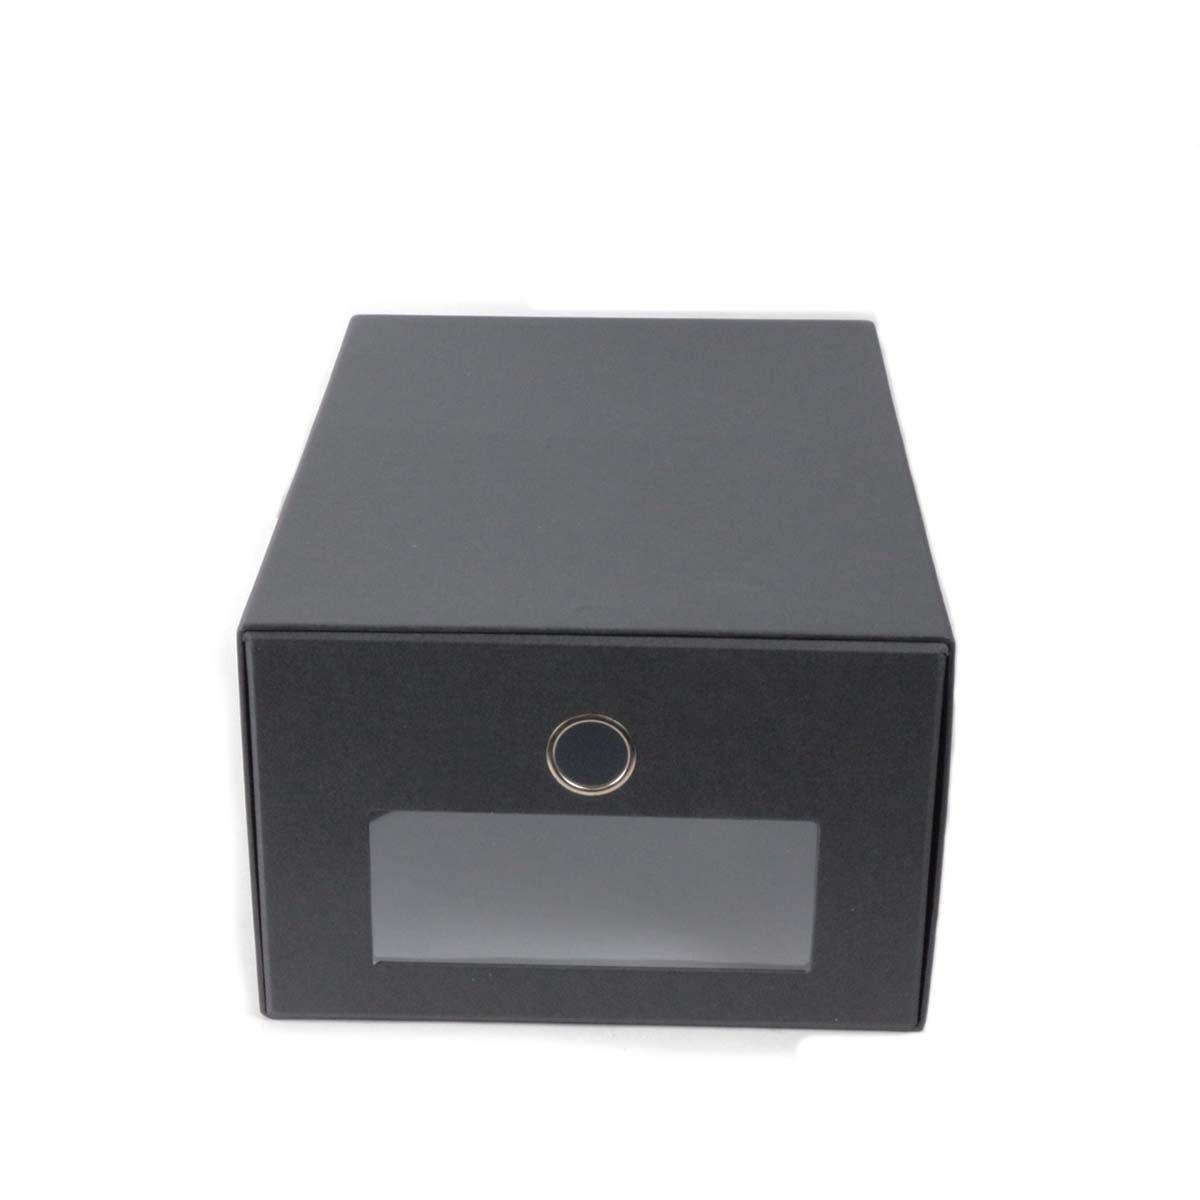 Boîte de rangement chaussures en carton - Ouverture frontale